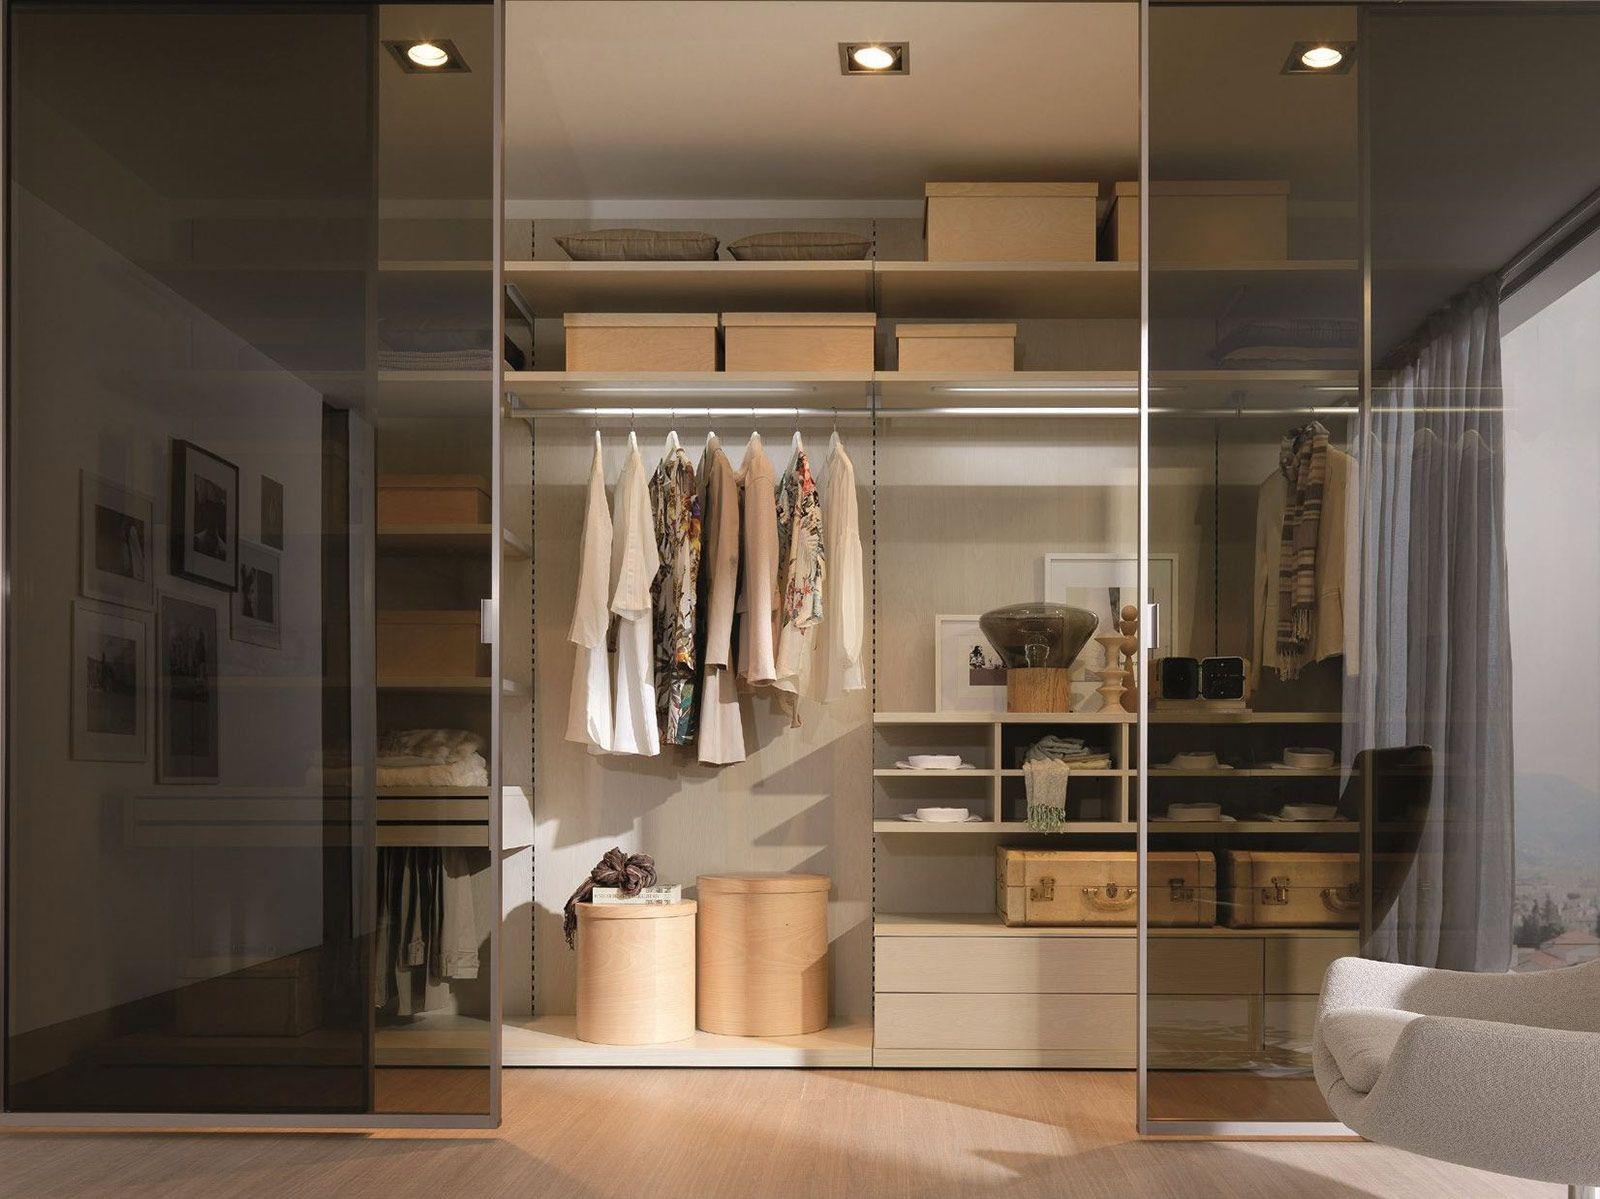 Cabina Armadio Moderna Miami : Cabine armadio progettiamo insieme lo spazio casa da sogno